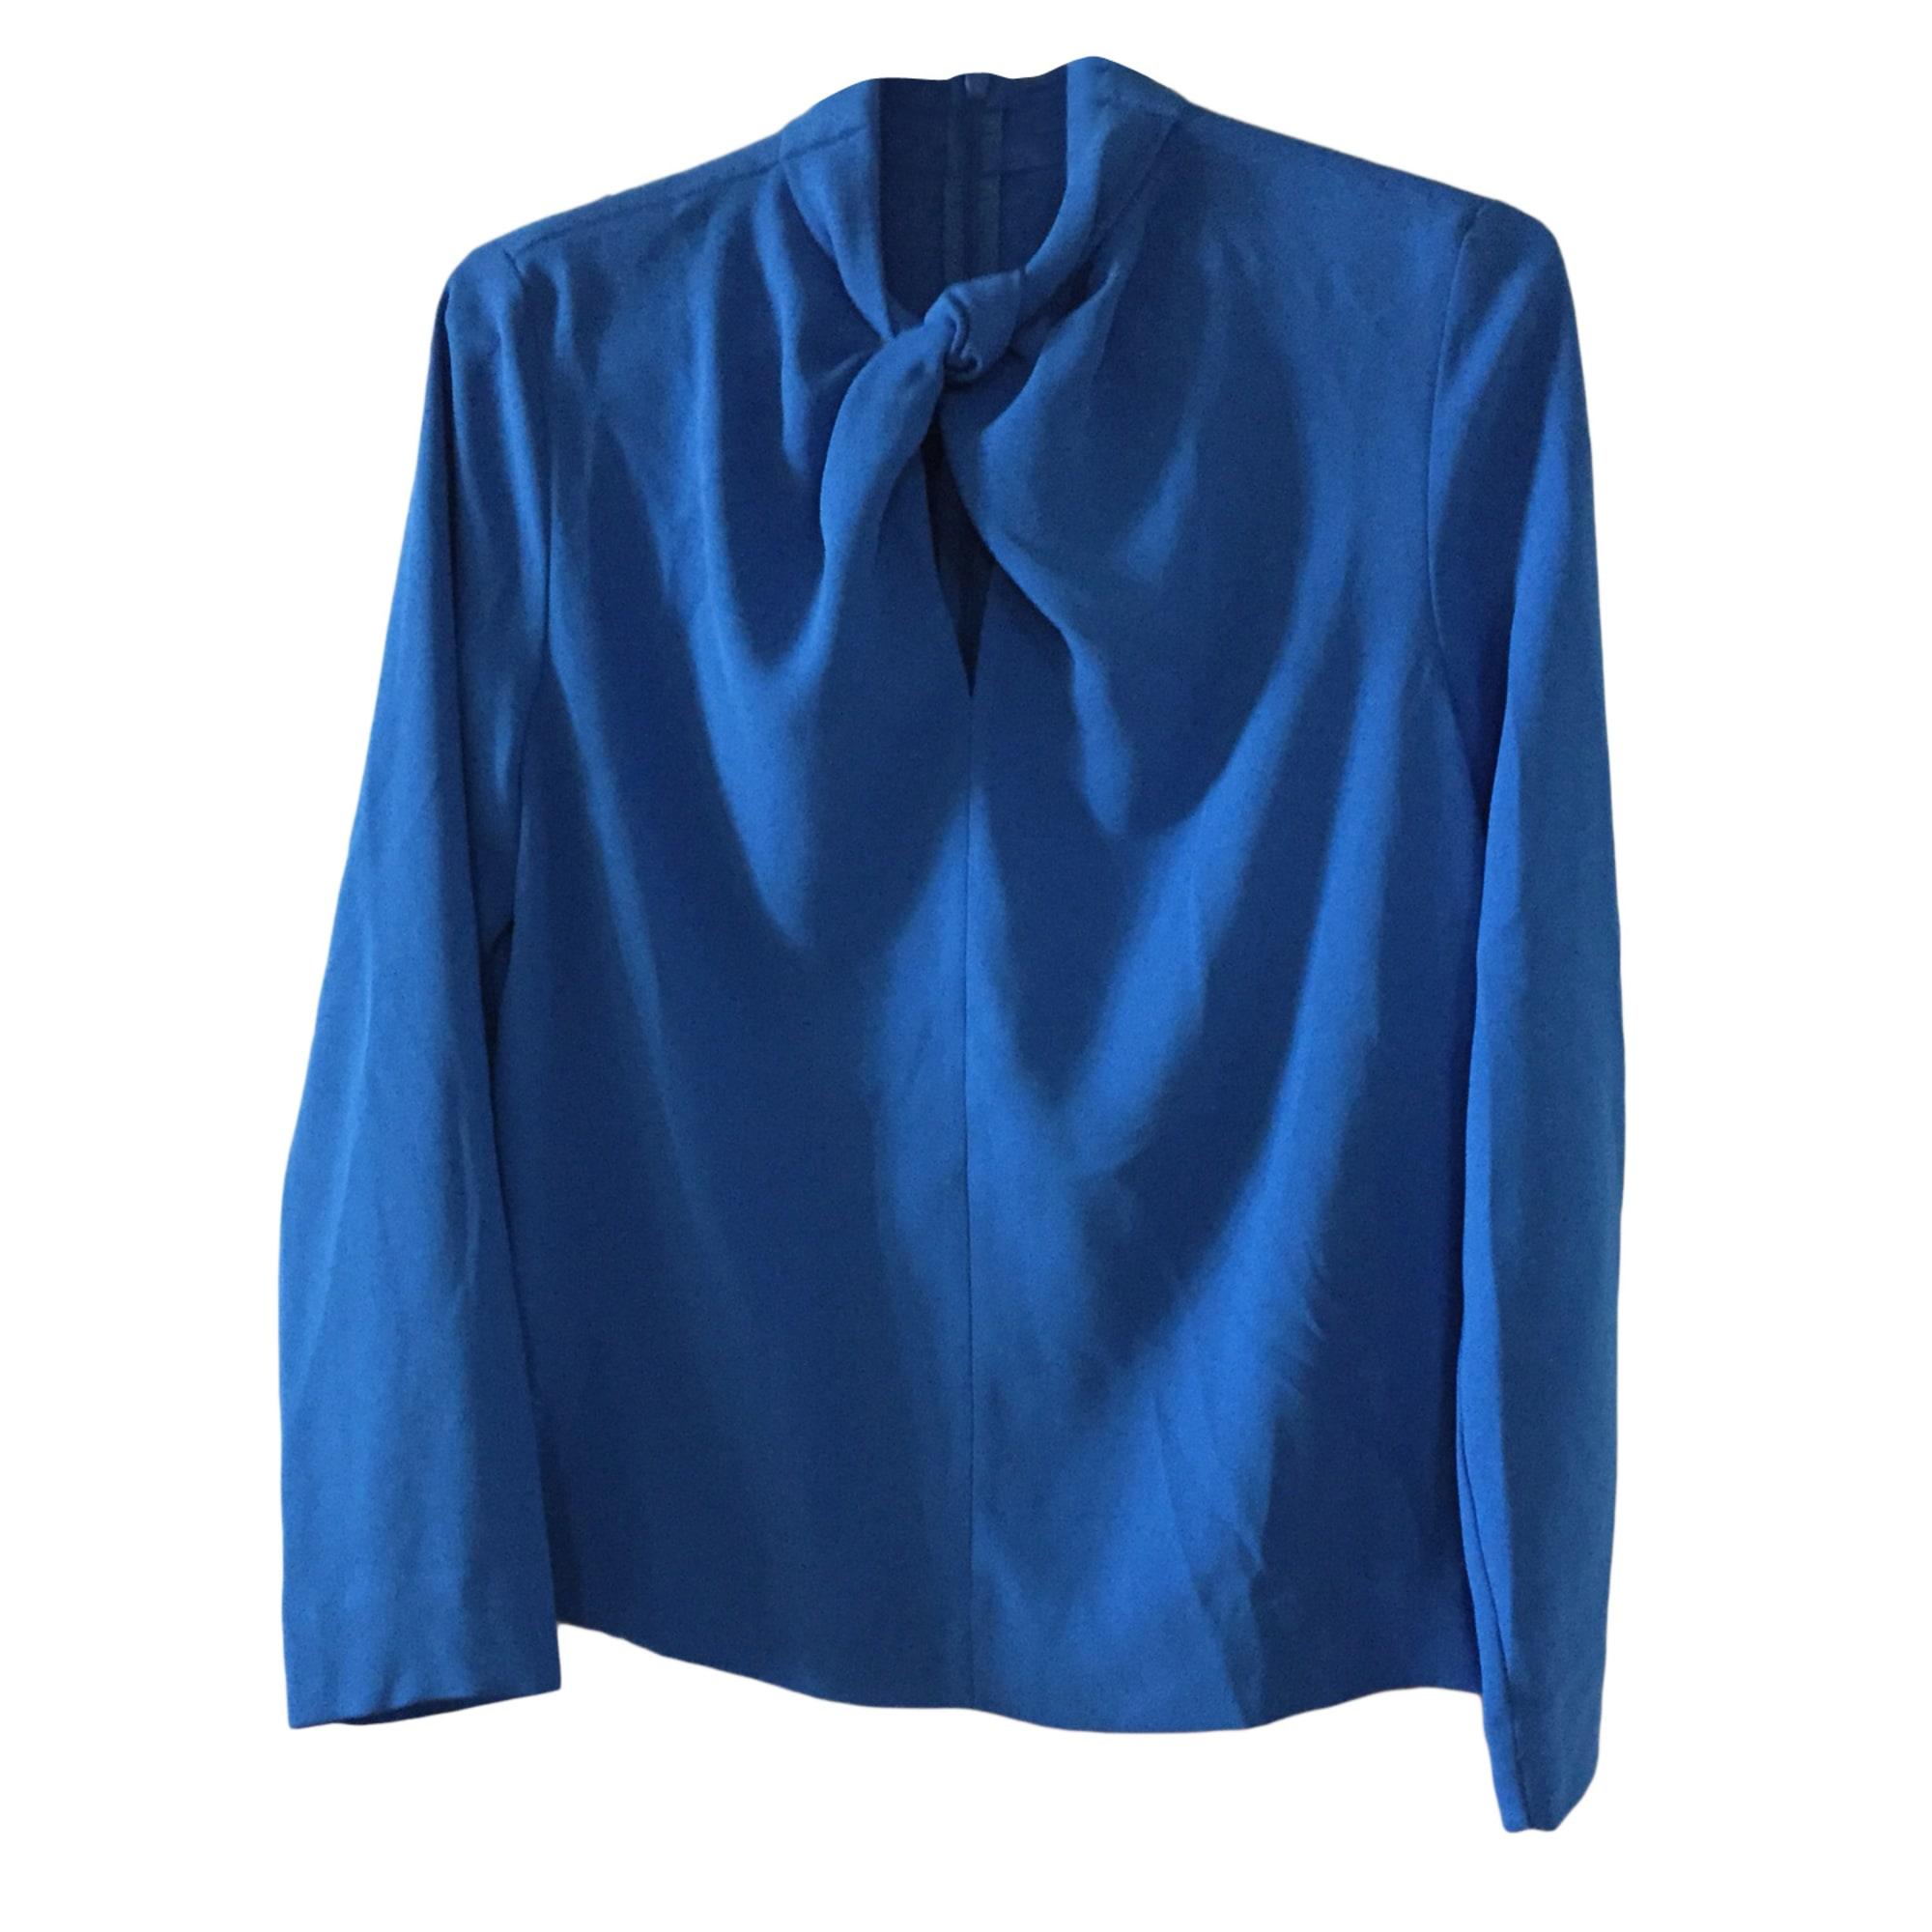 Blouse COS Bleu, bleu marine, bleu turquoise